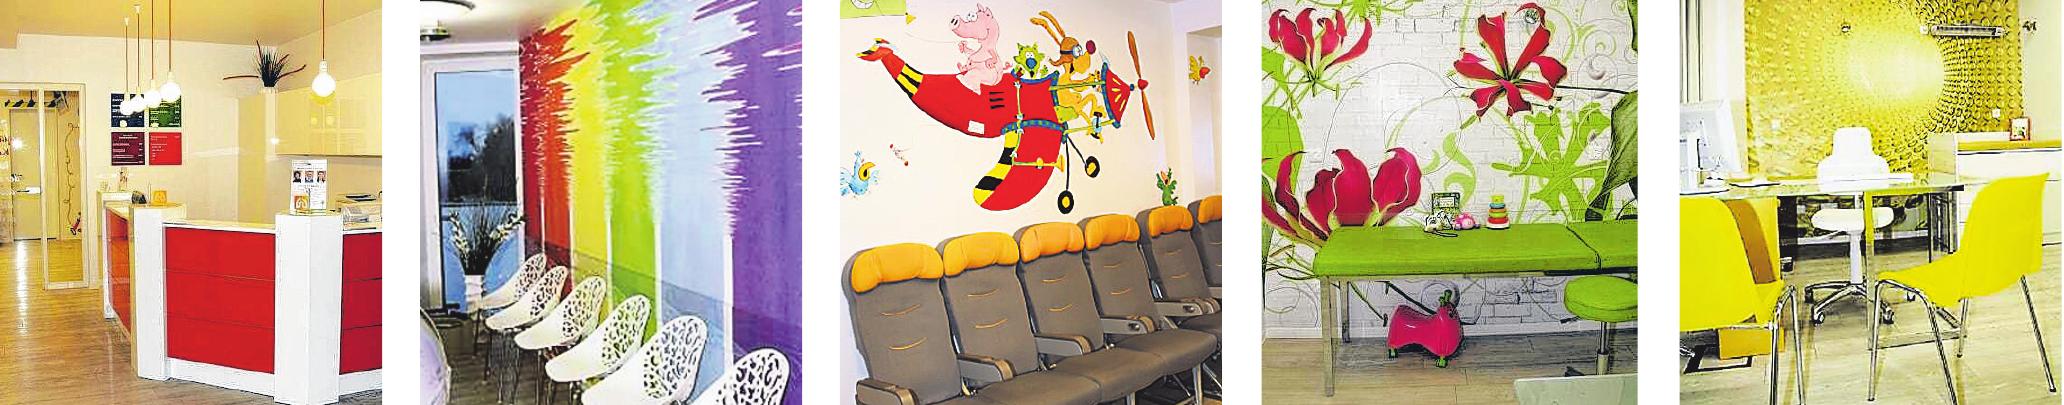 Von wegen Angst vorm Kinderarztbesuch: Die kindgerecht gestalteten Praxisräume haben eine besonders fröhliche Atmosphäre.